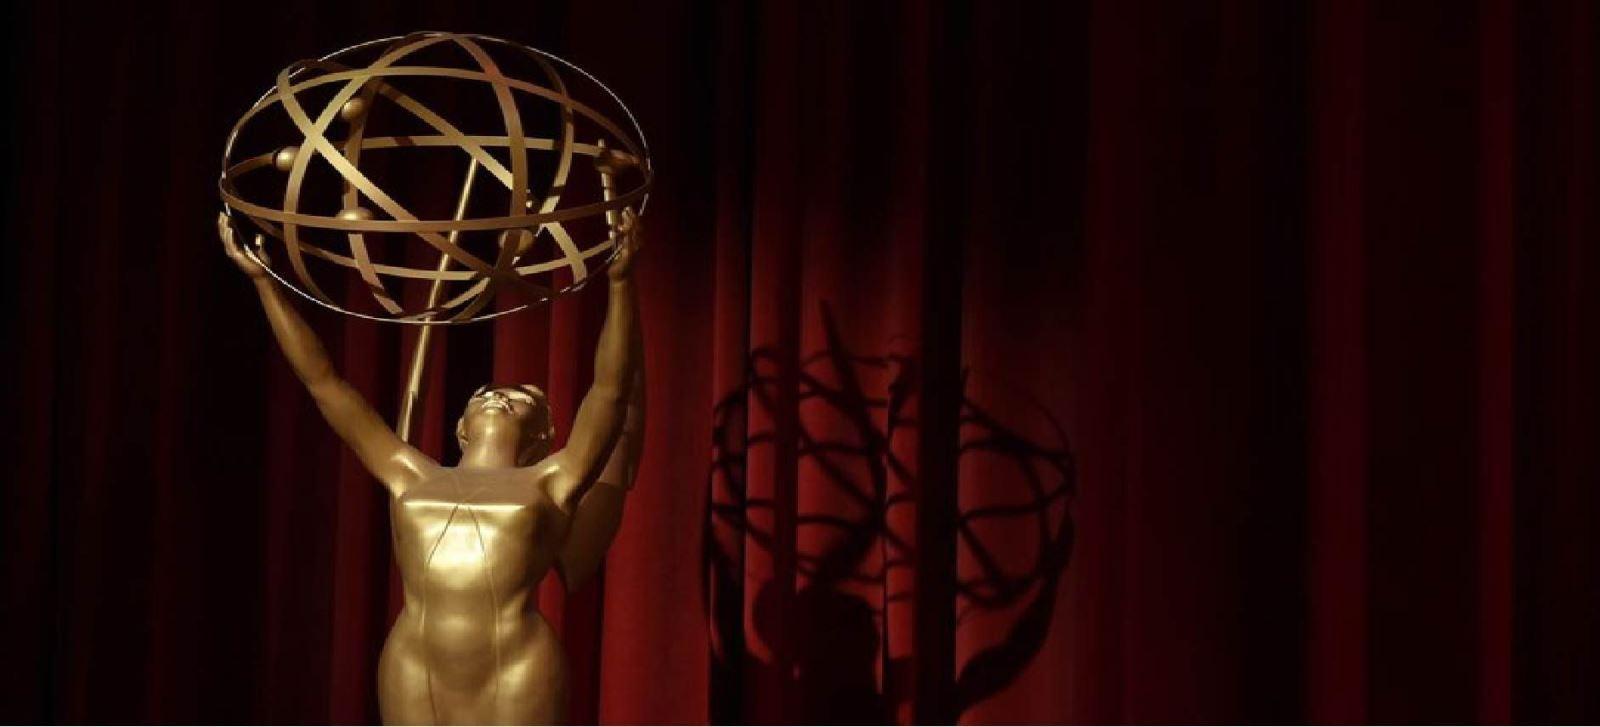 Lễ trao giải Emmy 2020 dành 2,8 triệu USD cho cuộc chiến chống nạn đói ở trẻ em Ảnh 1